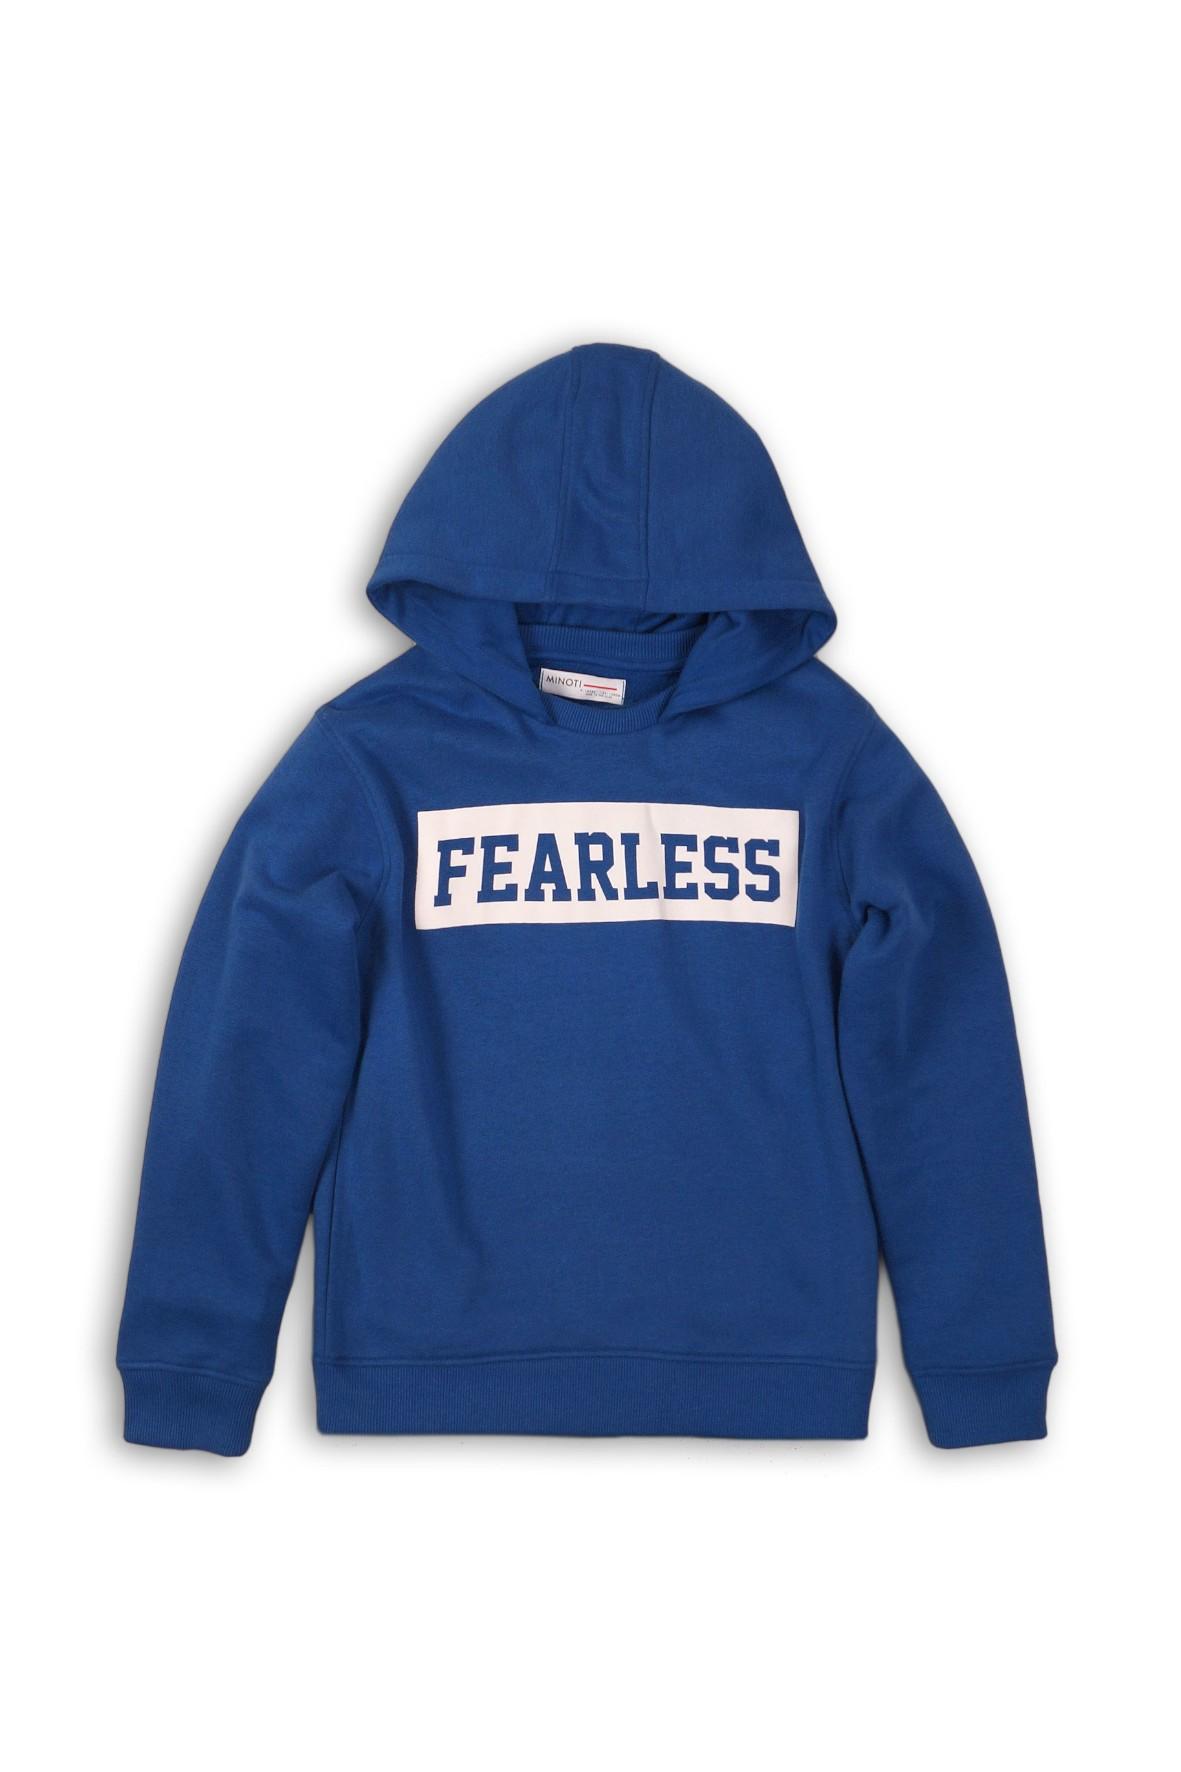 Bluza chłopięca z kapturem Fearless- niebieska